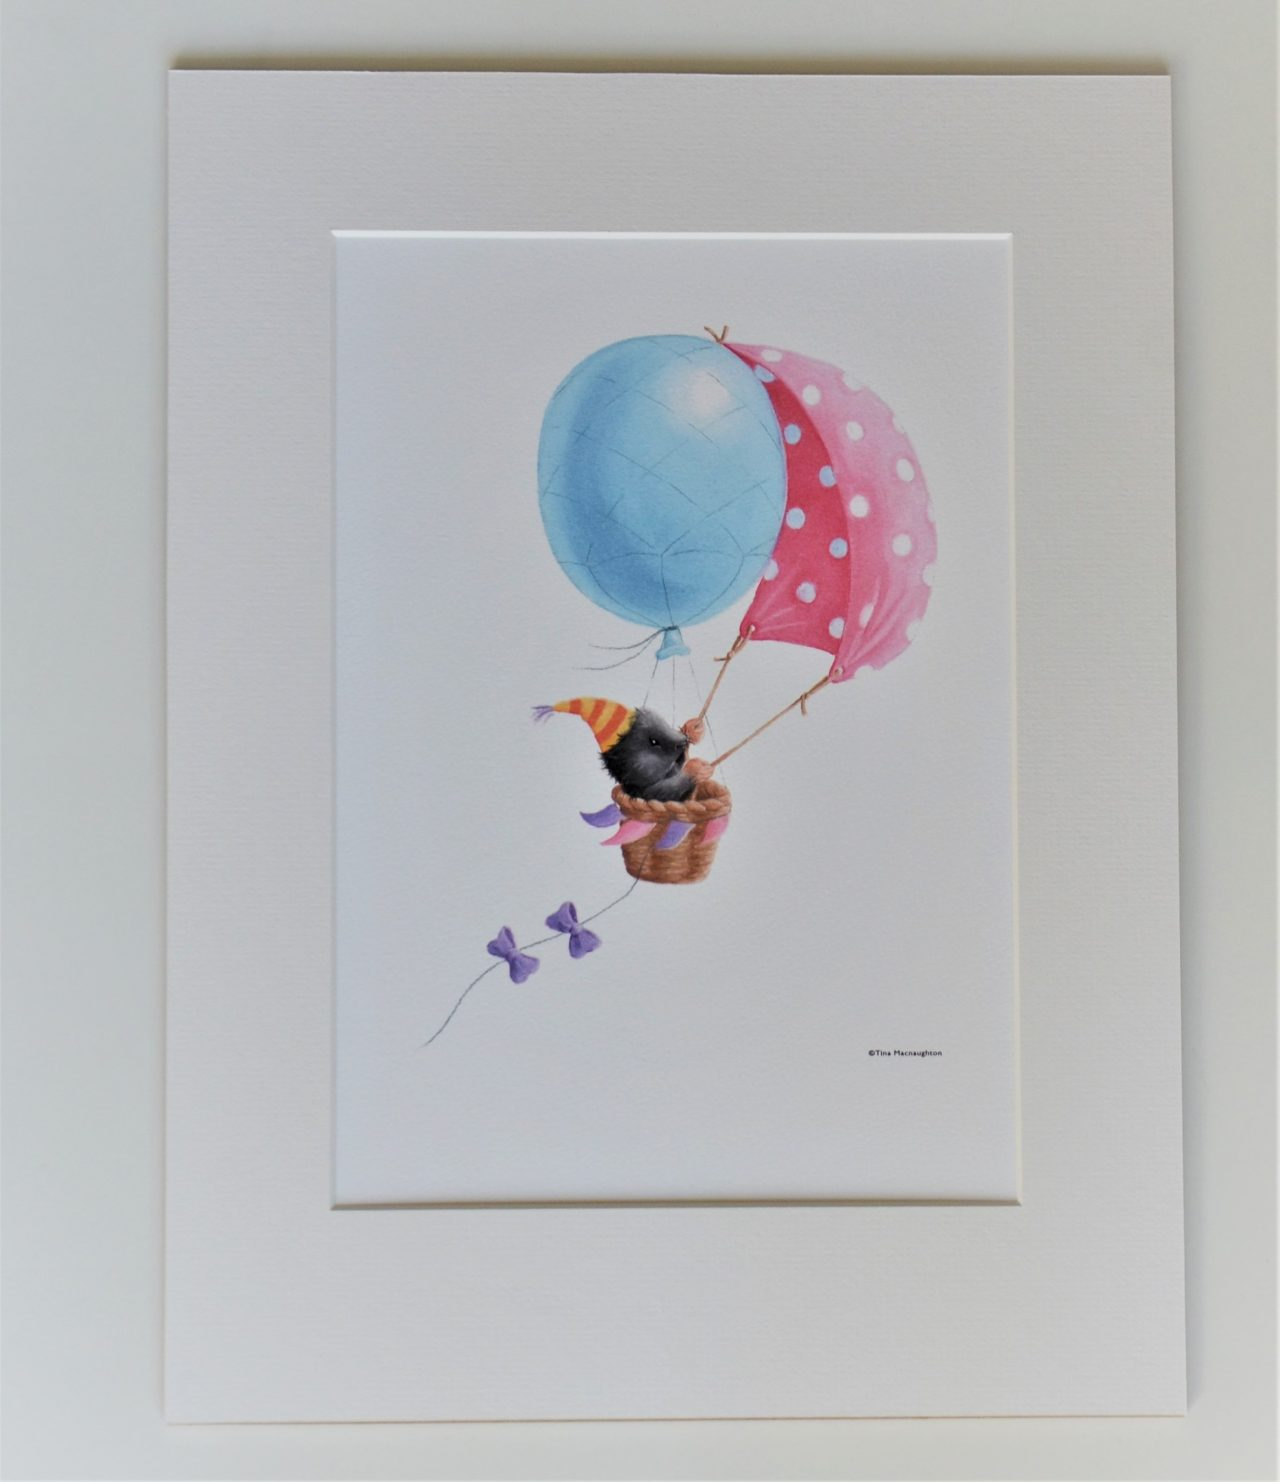 Mole in Balloon Boat by Tina Macnaughton.